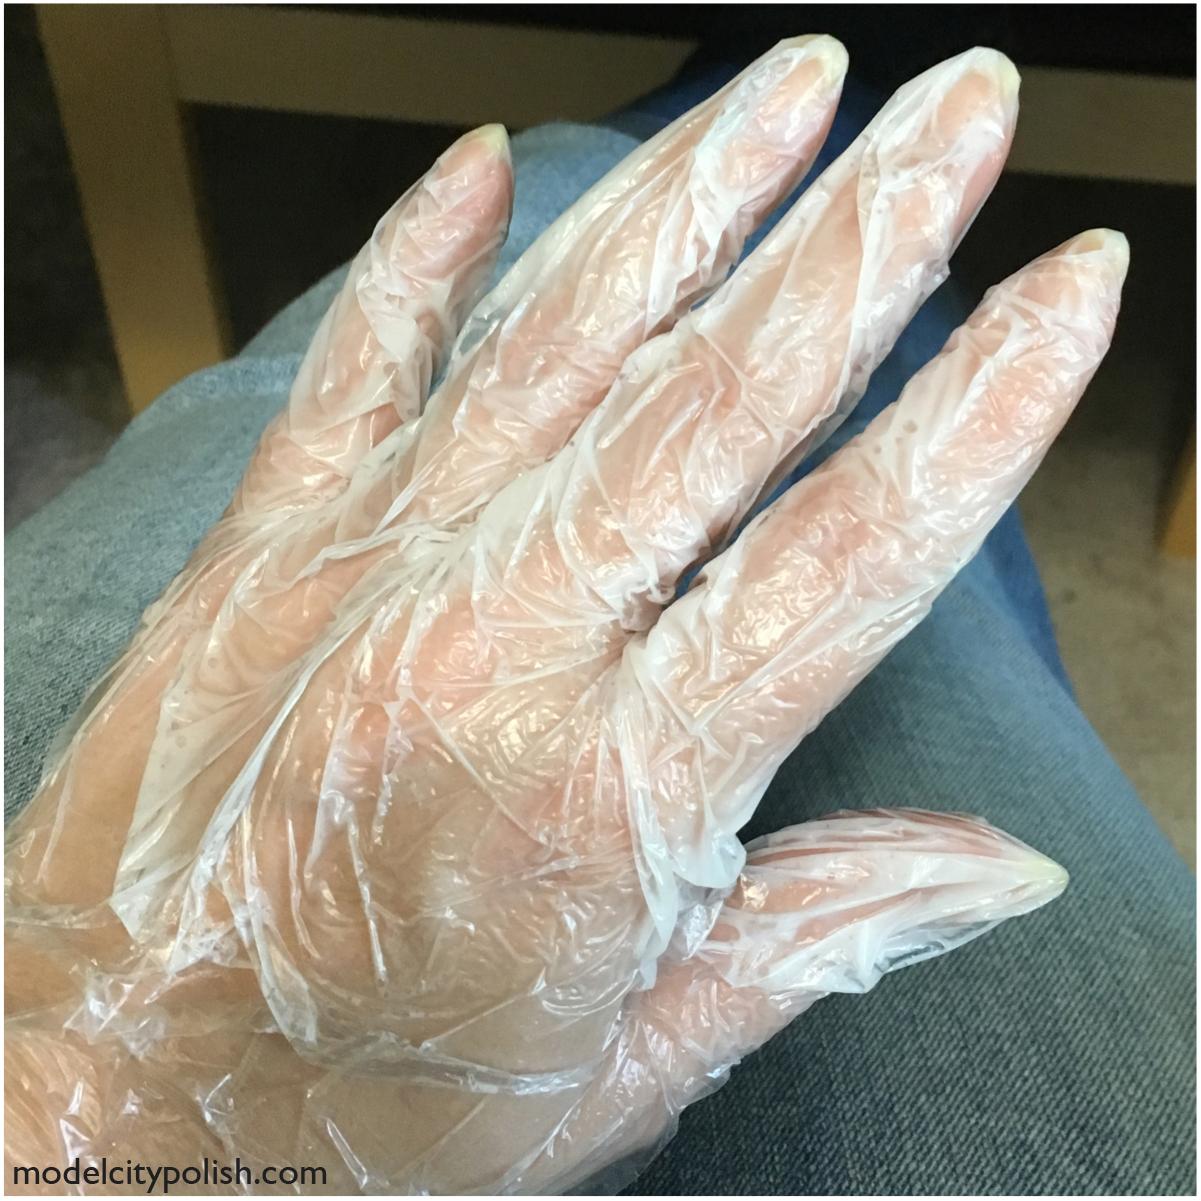 Bodipure Gloves Socks 2